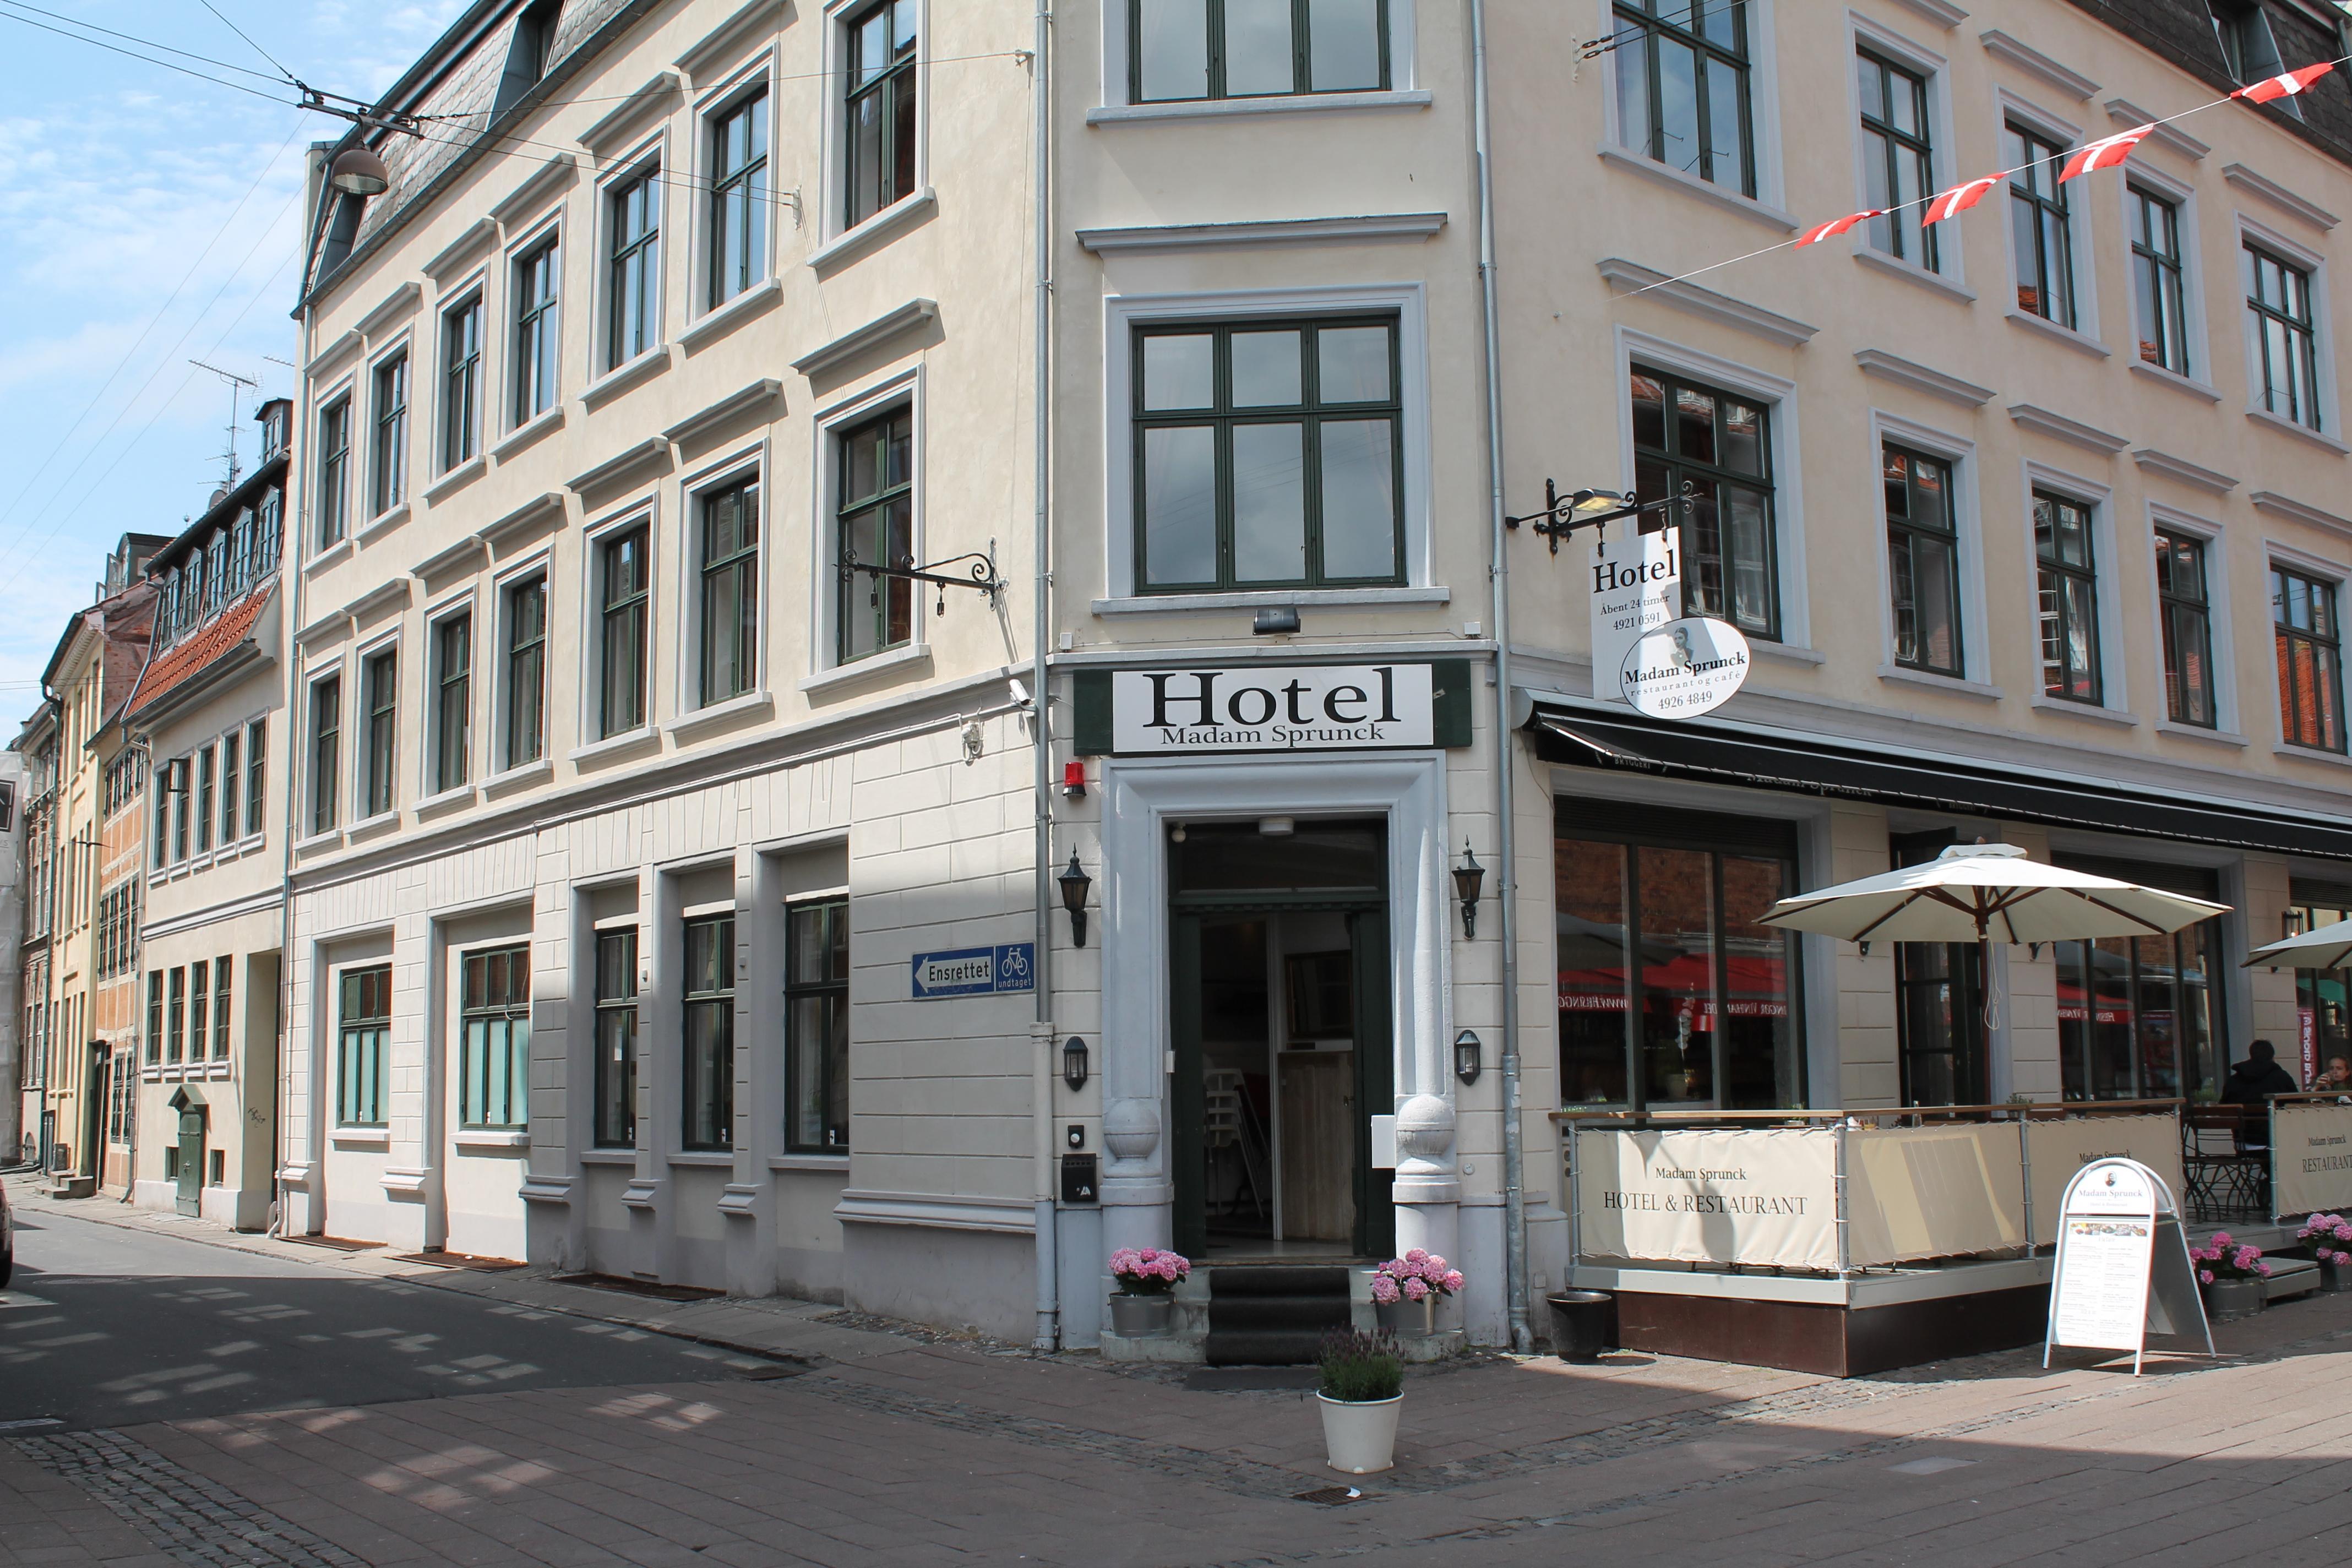 Madam Sprunck Hotel & Restaurant